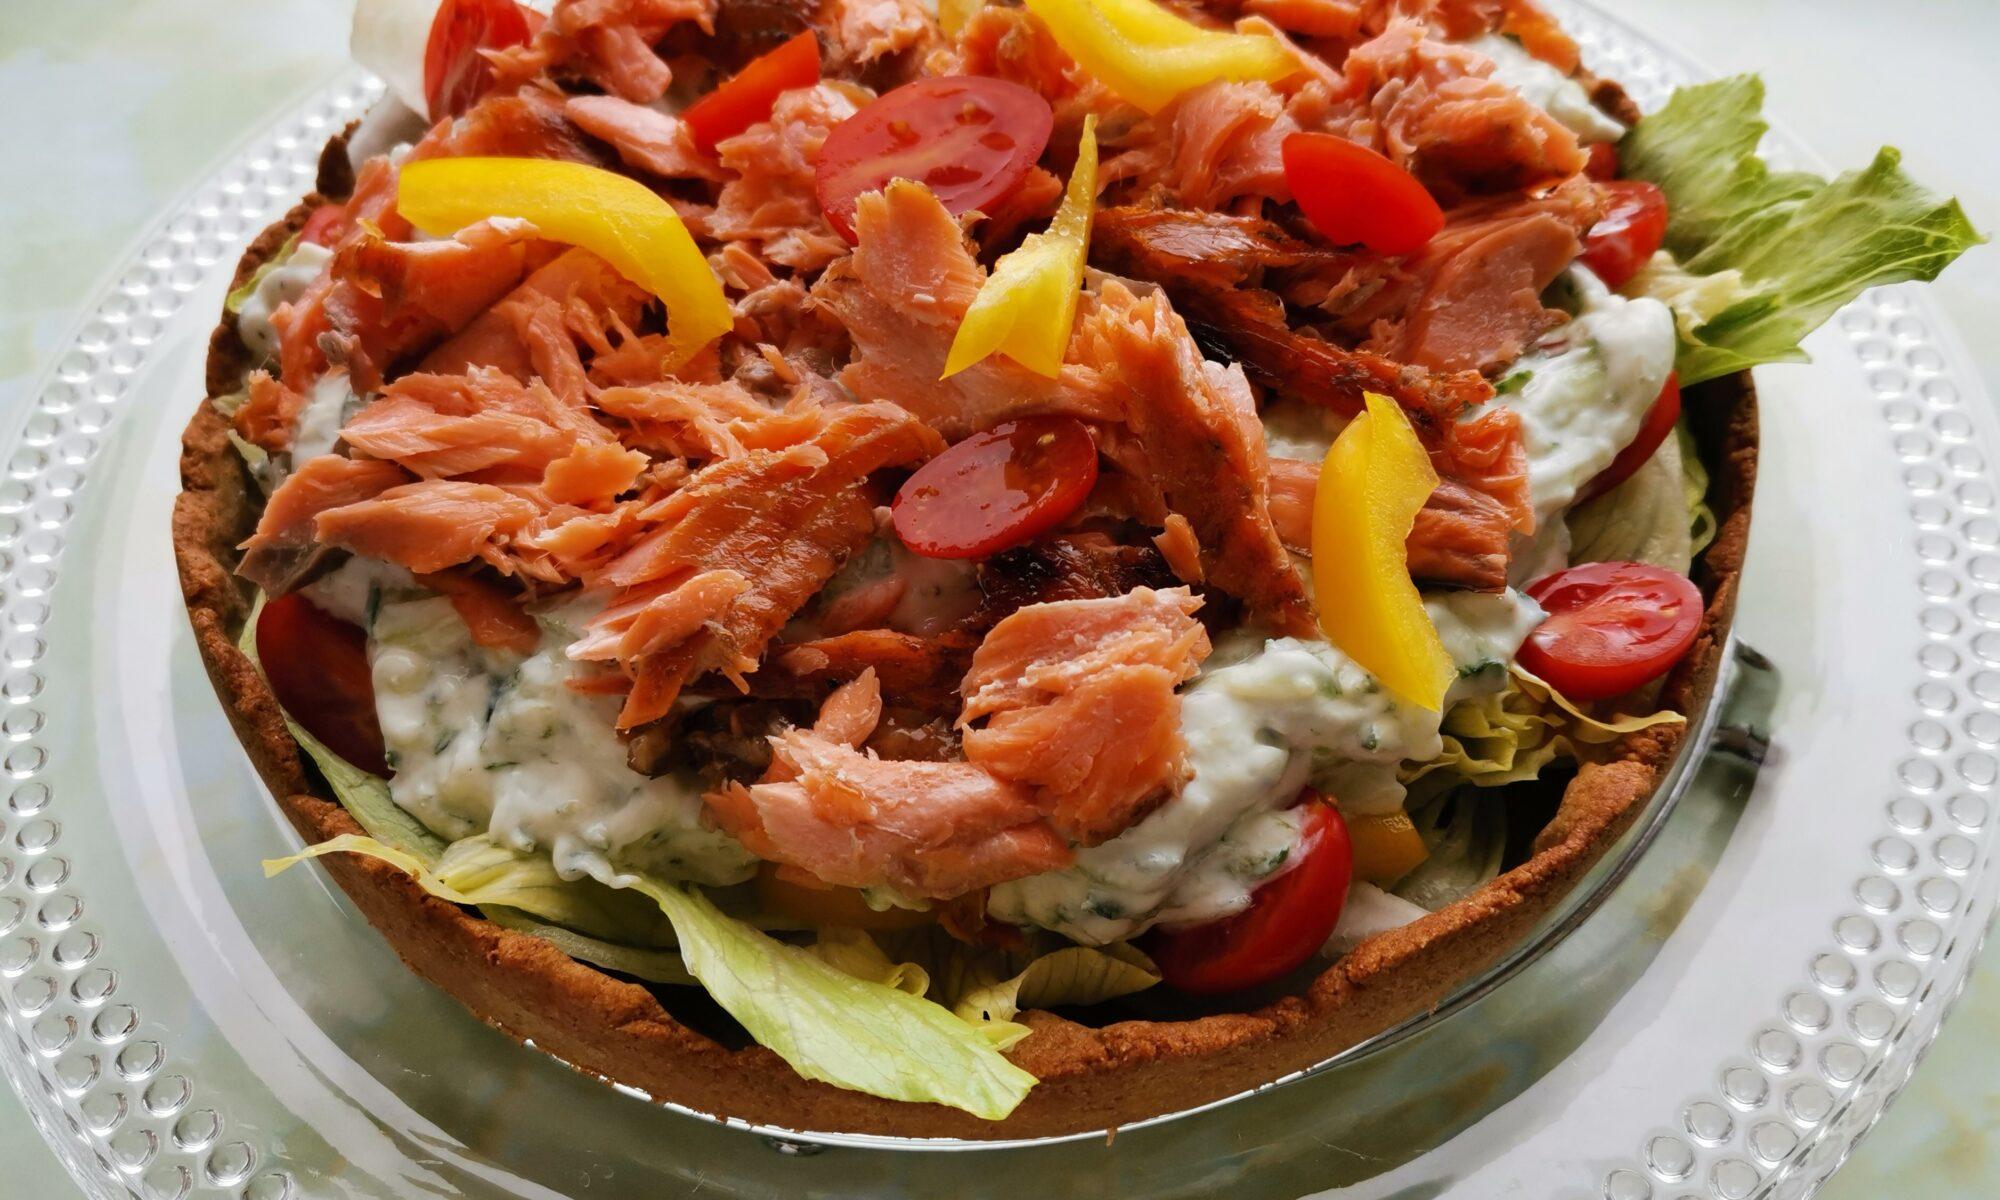 Salaattipiirakka lohella ja tsatsikilla, lasilautasen päällä